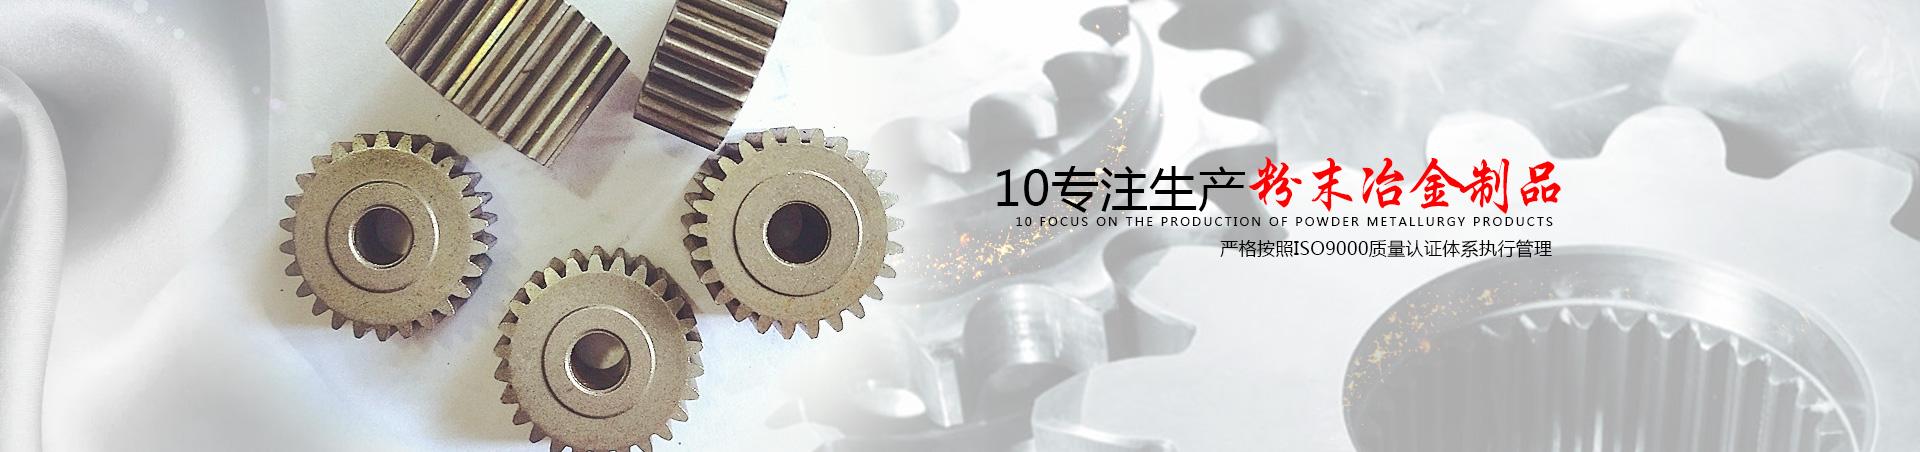 铁基粉末冶金件